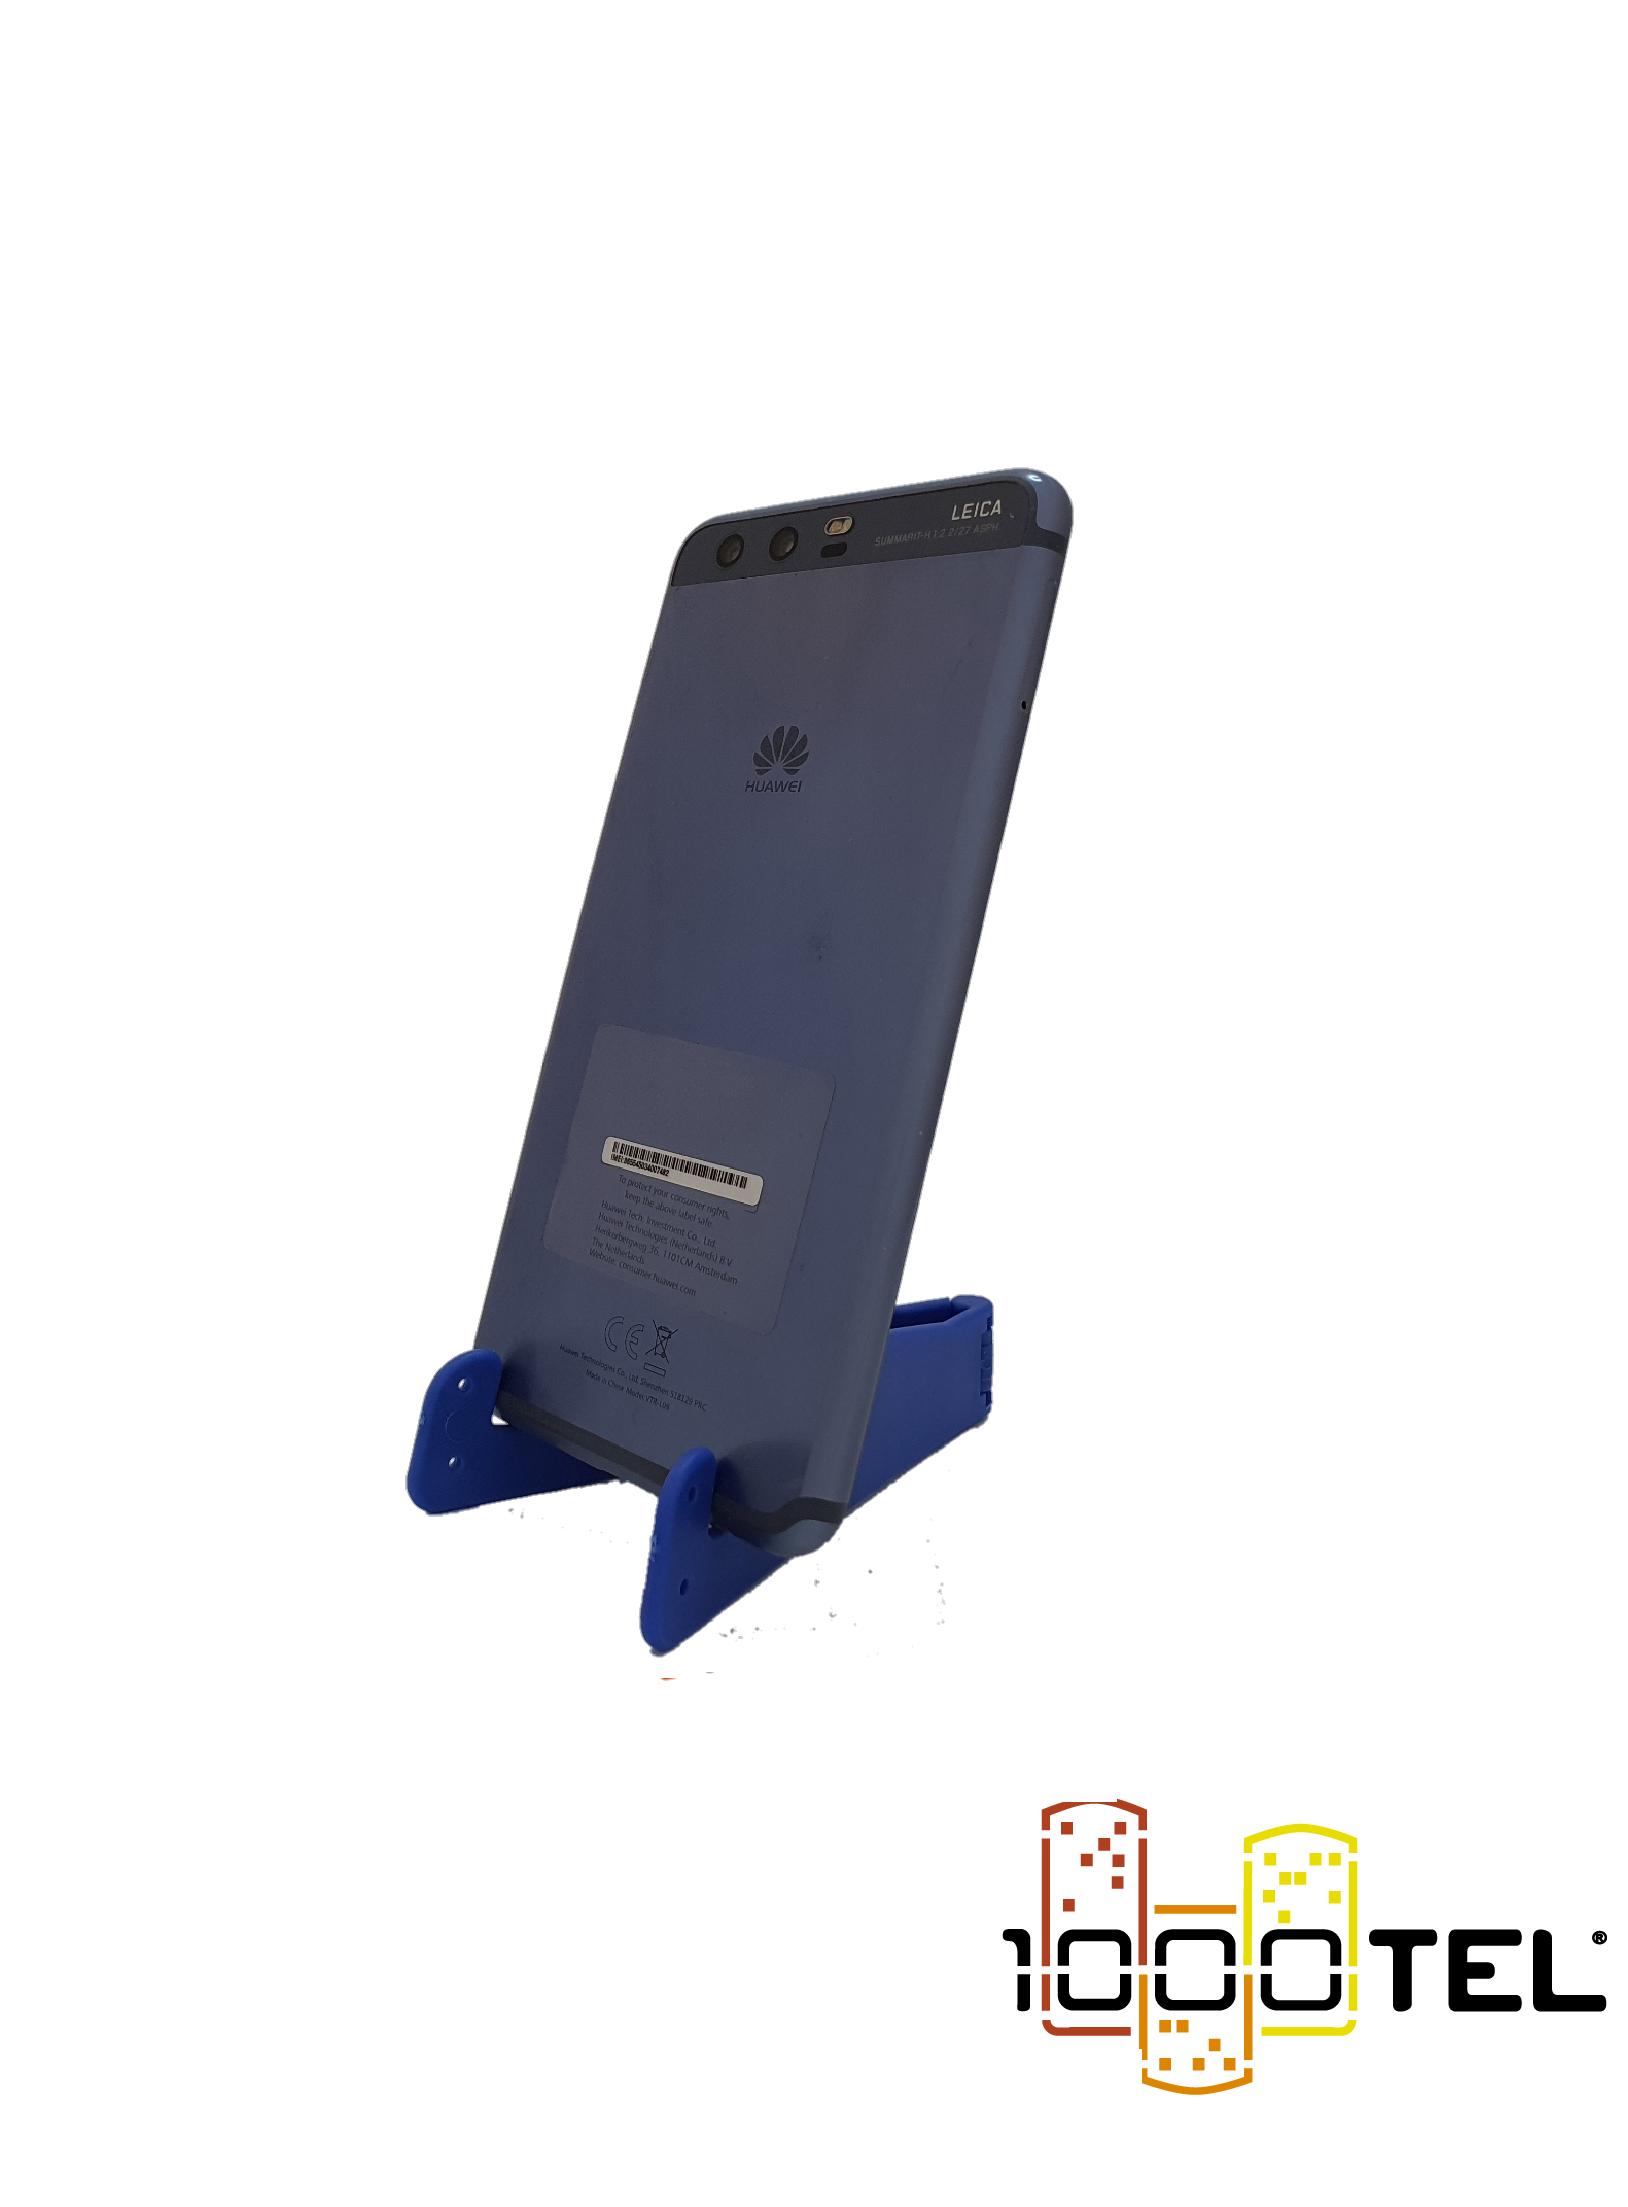 Huawei P10 #4